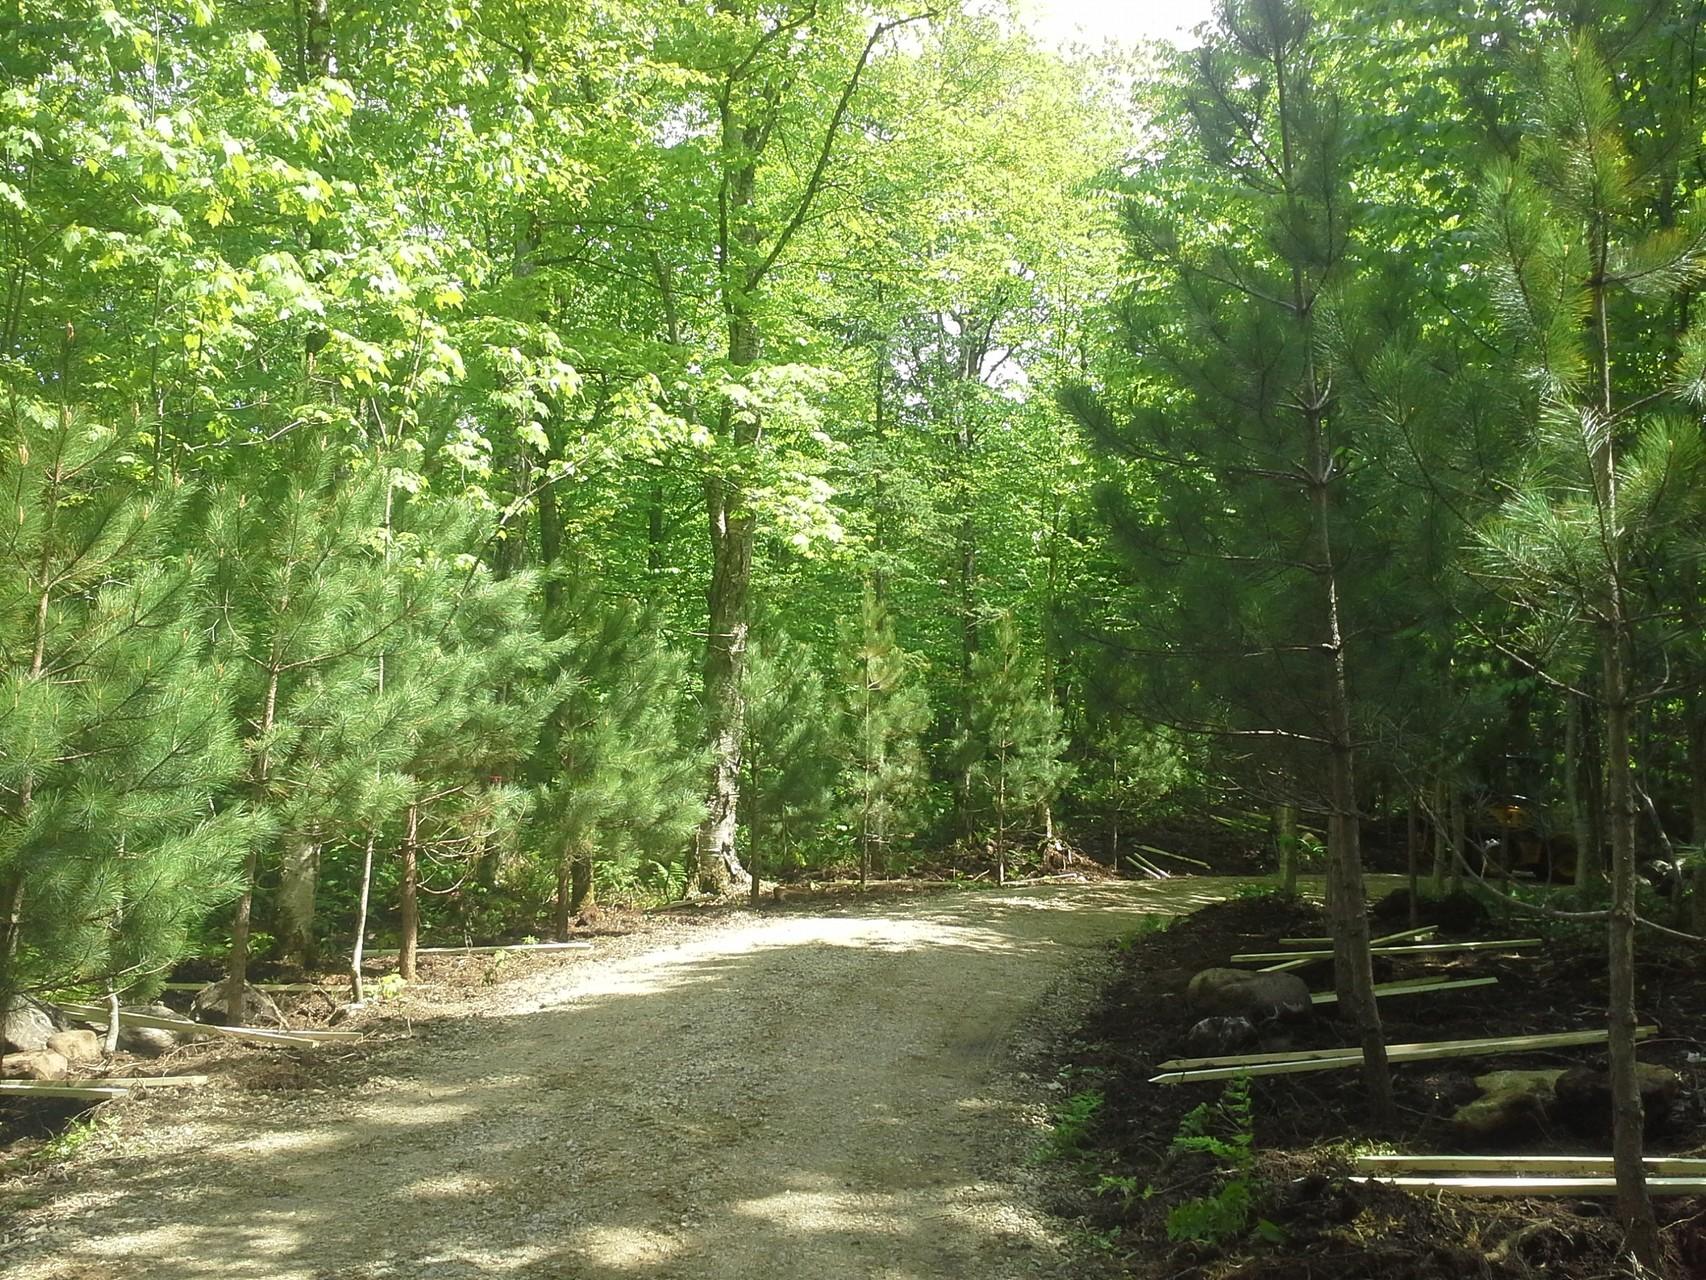 Plantation de pins rouges de 2 à 4 mètres